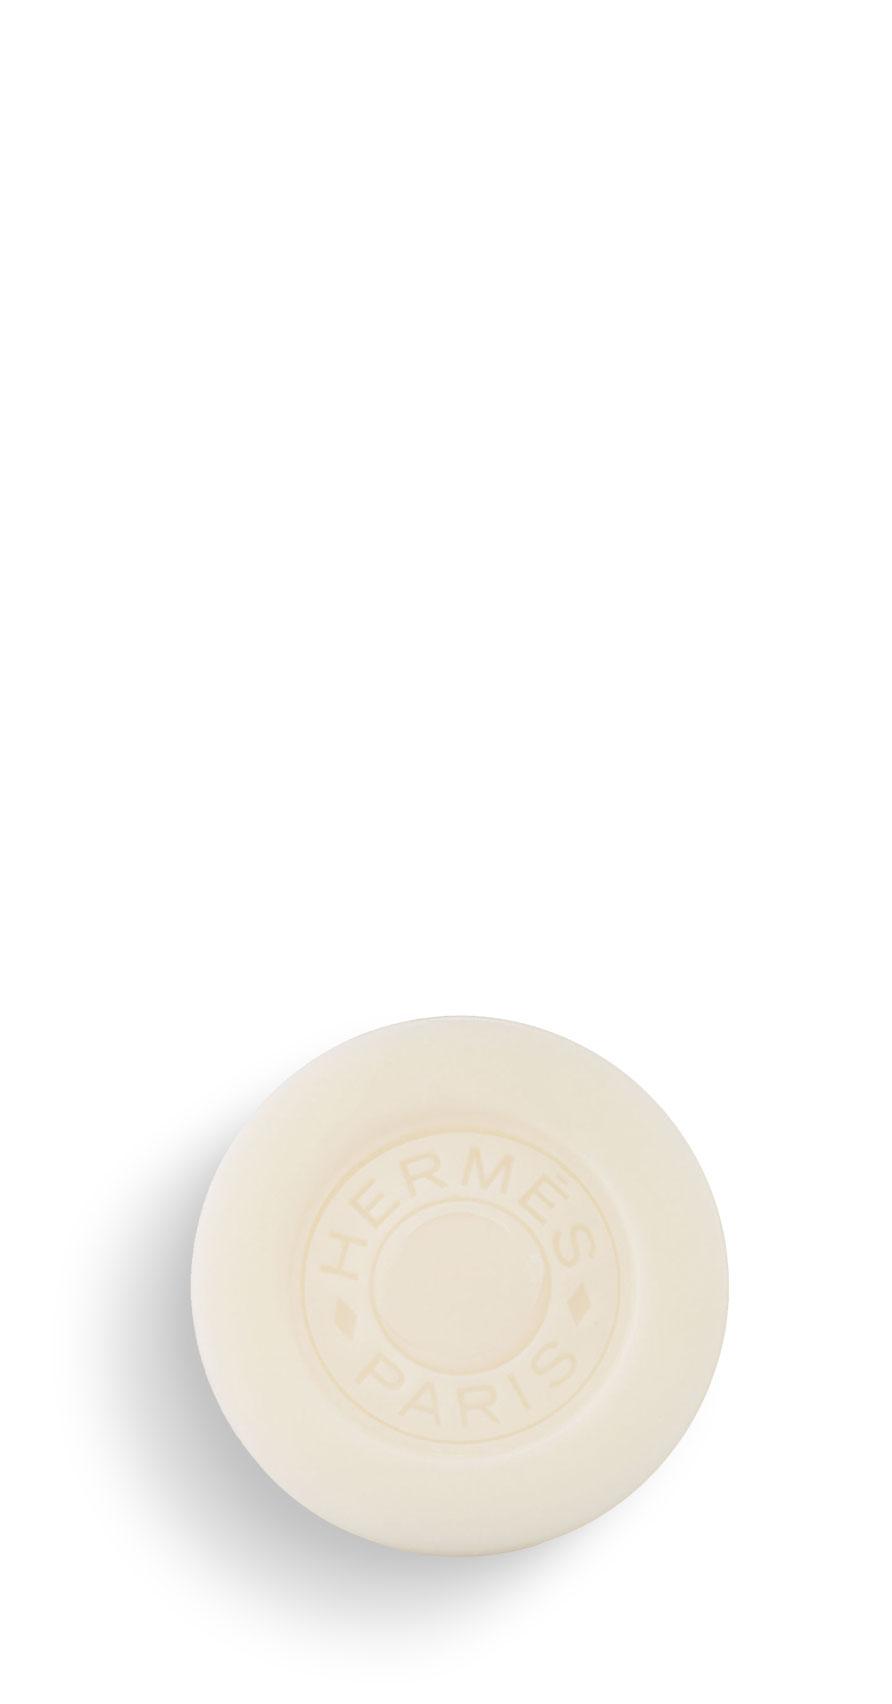 Hermès - Eau des merveilles - Savon parfumé 50 g.